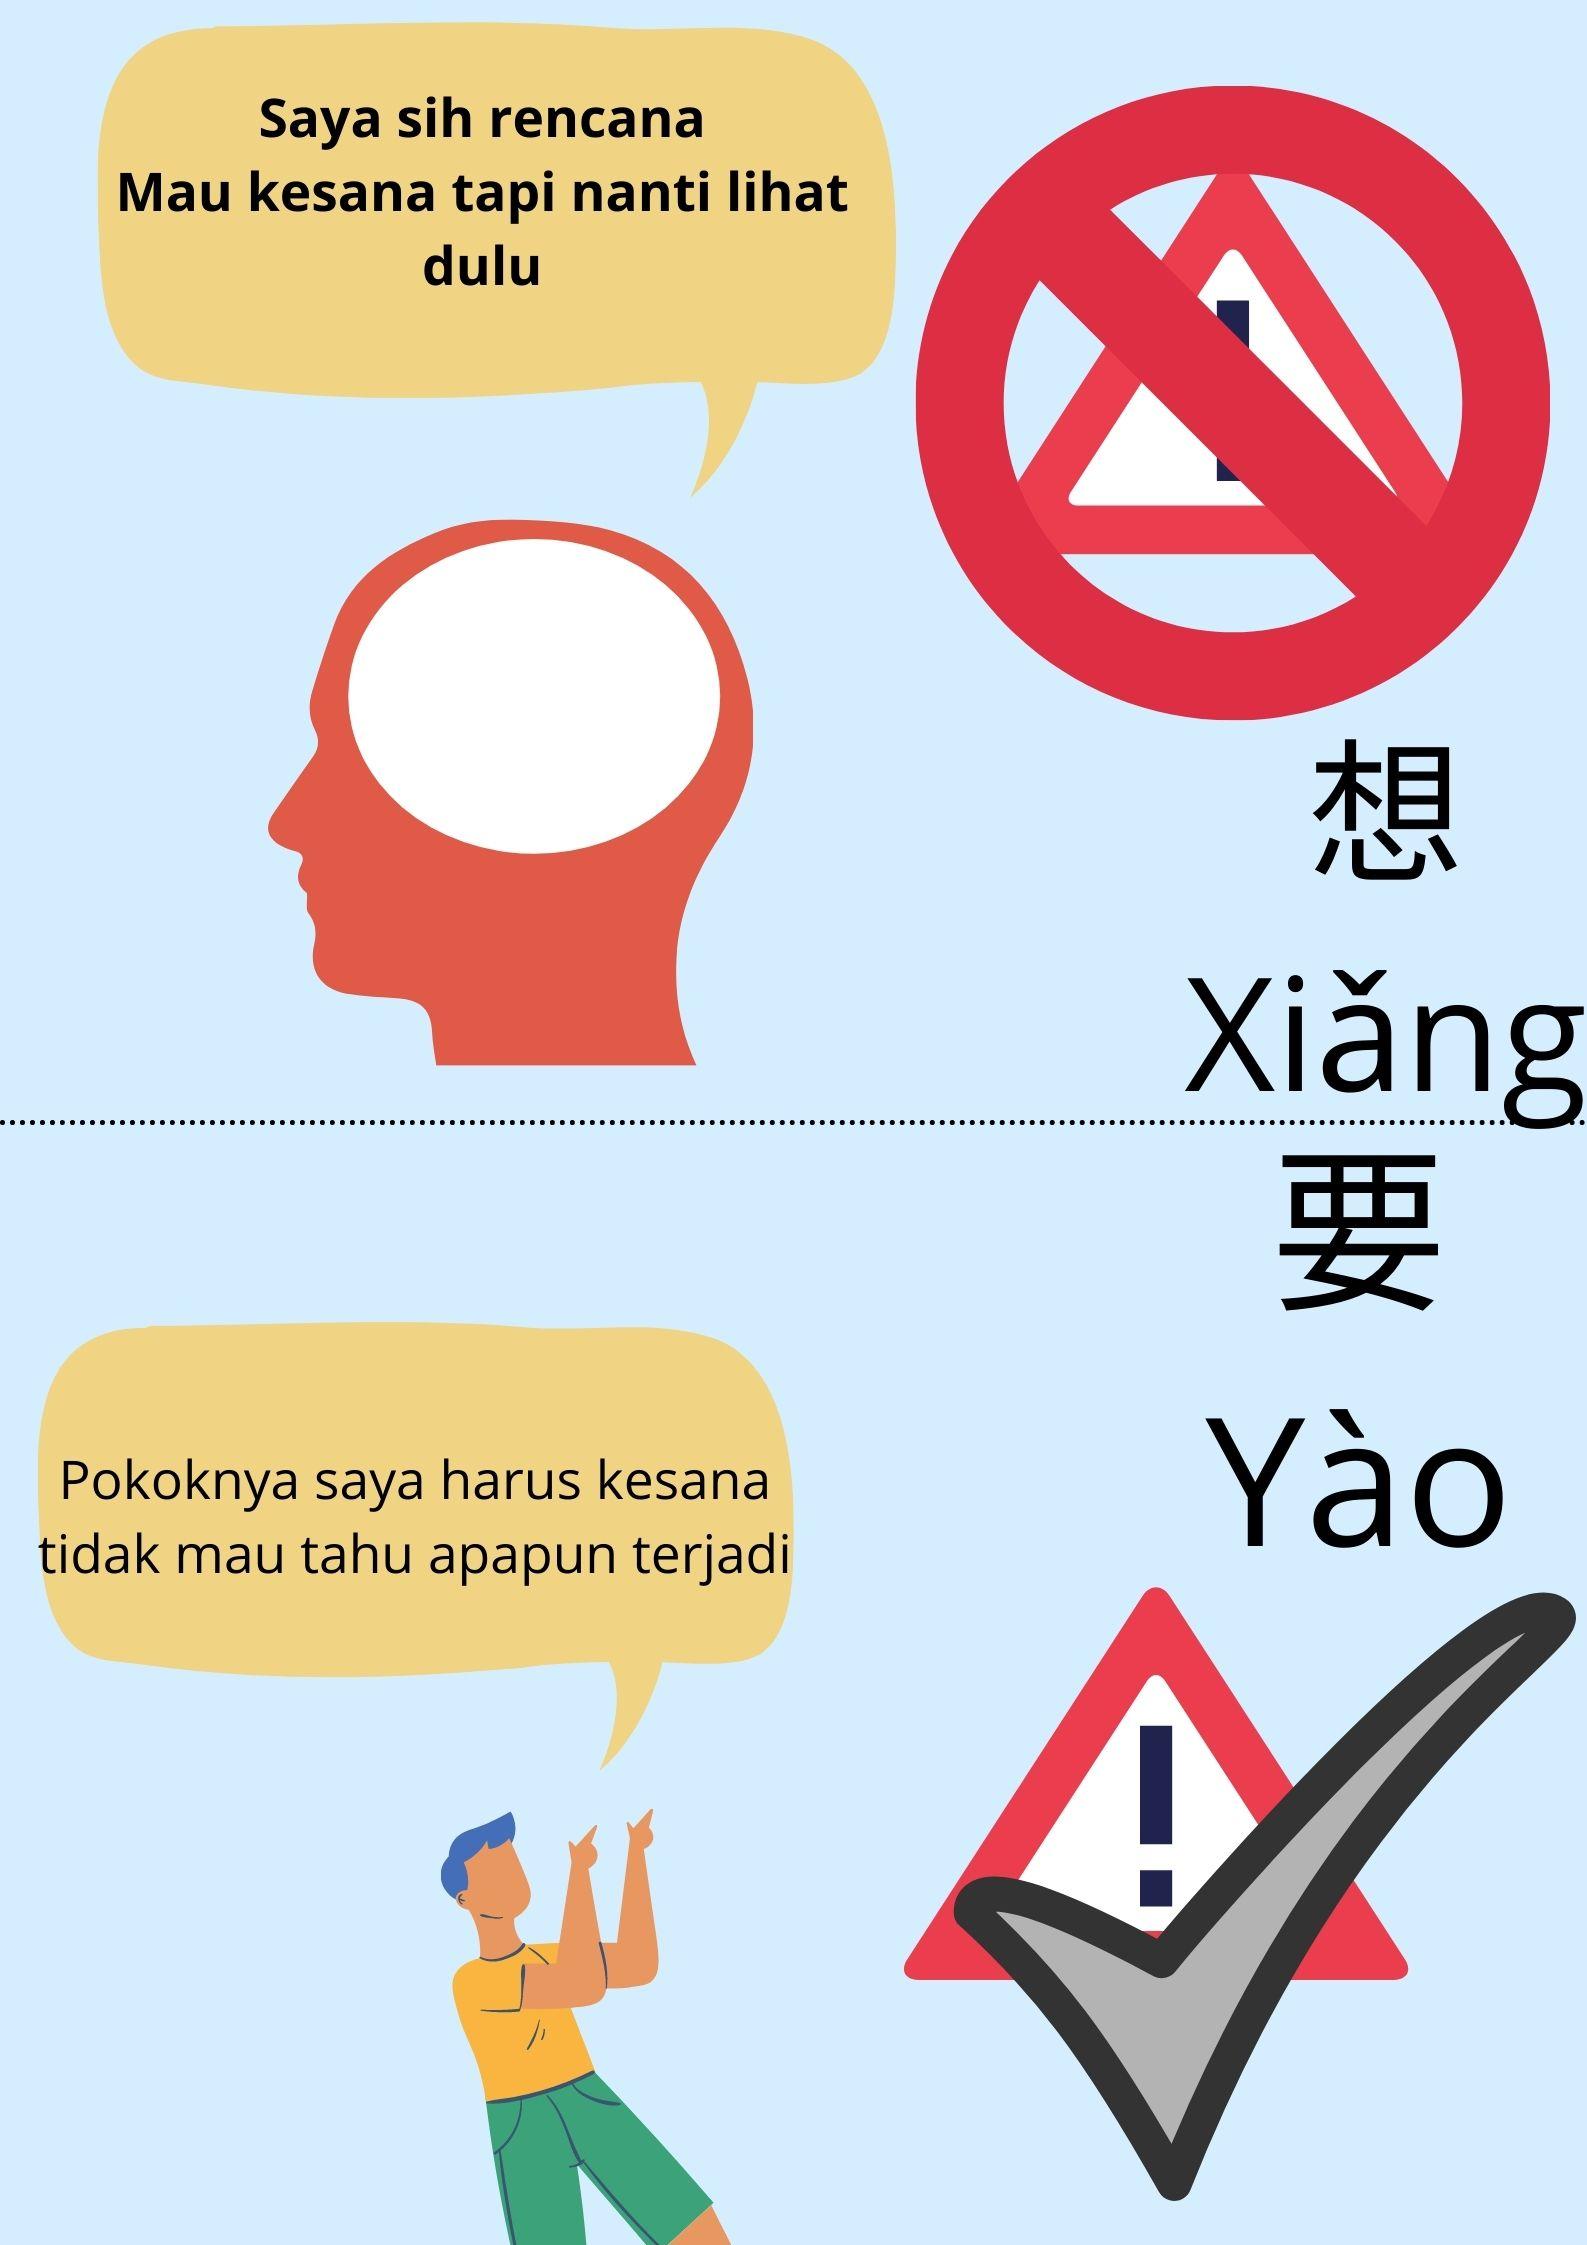 Perbedaan penerapan kata